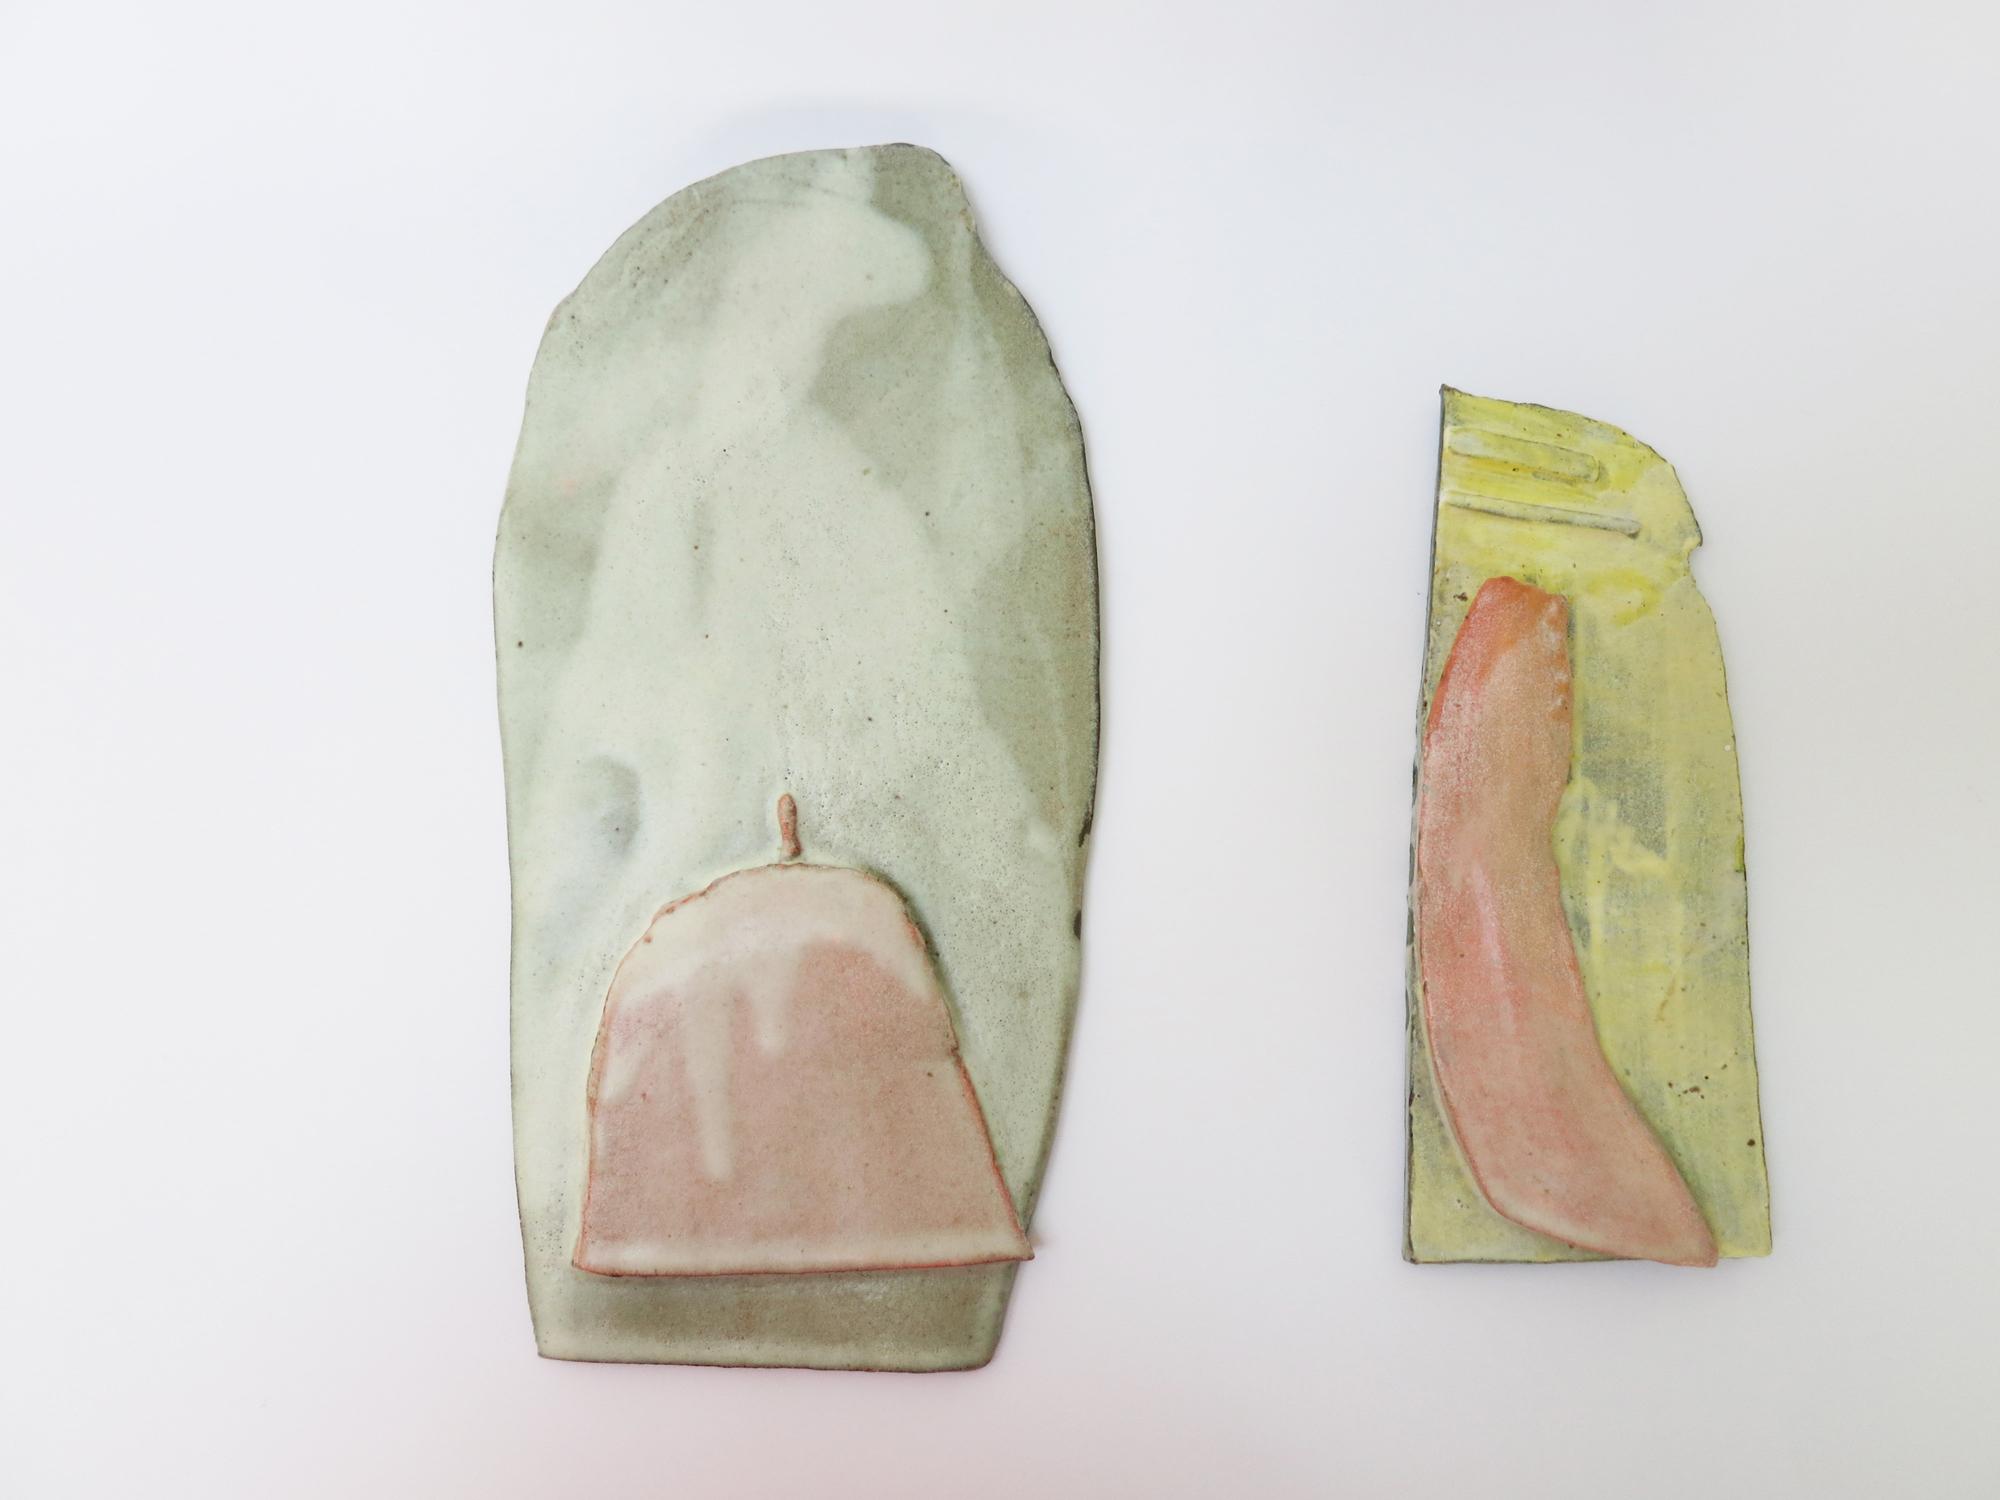 Sara Gassmann, SCHWARTE I, 2016. Glazed ceramic. 22 x 15.5 x 9 cm.